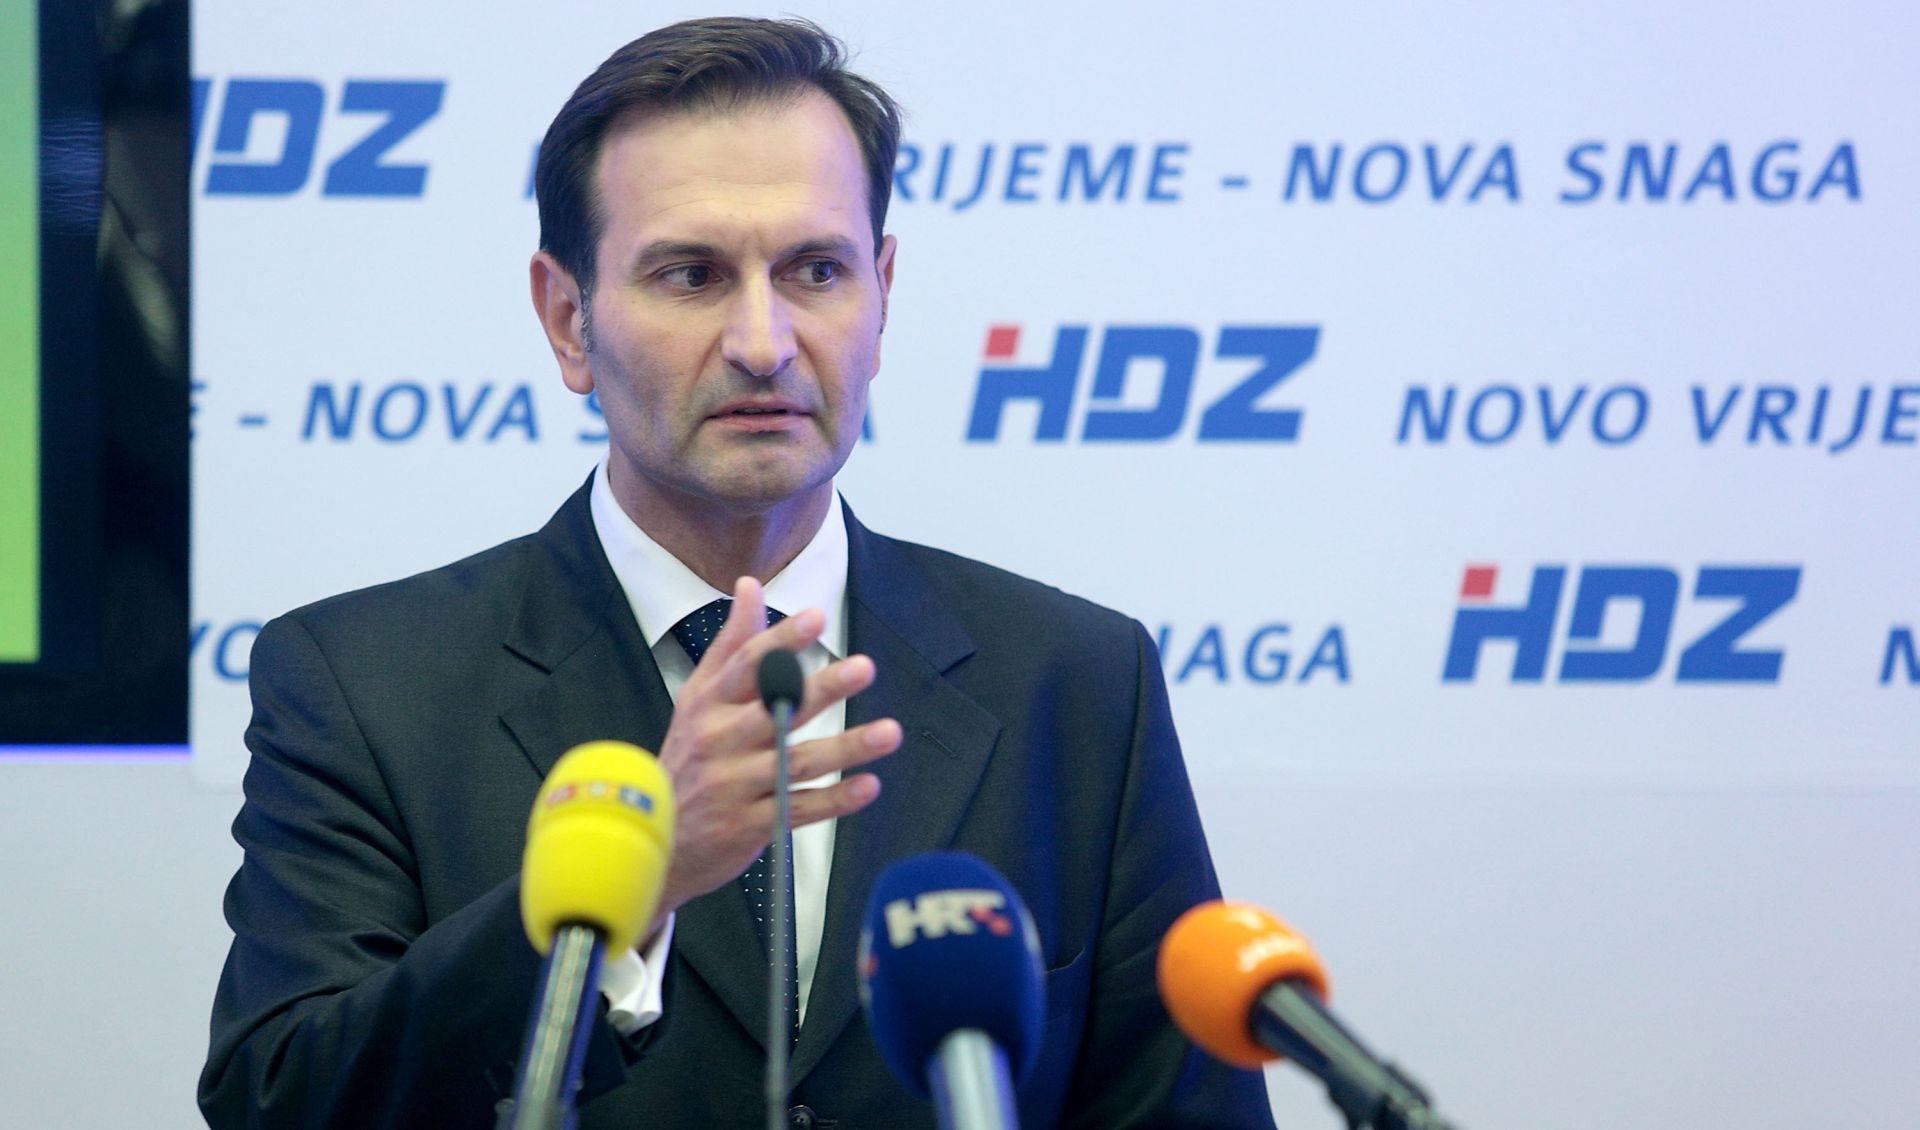 MIRO KOVAČ Milanović je ministrant, a Hrvatska je ispala crna ovca